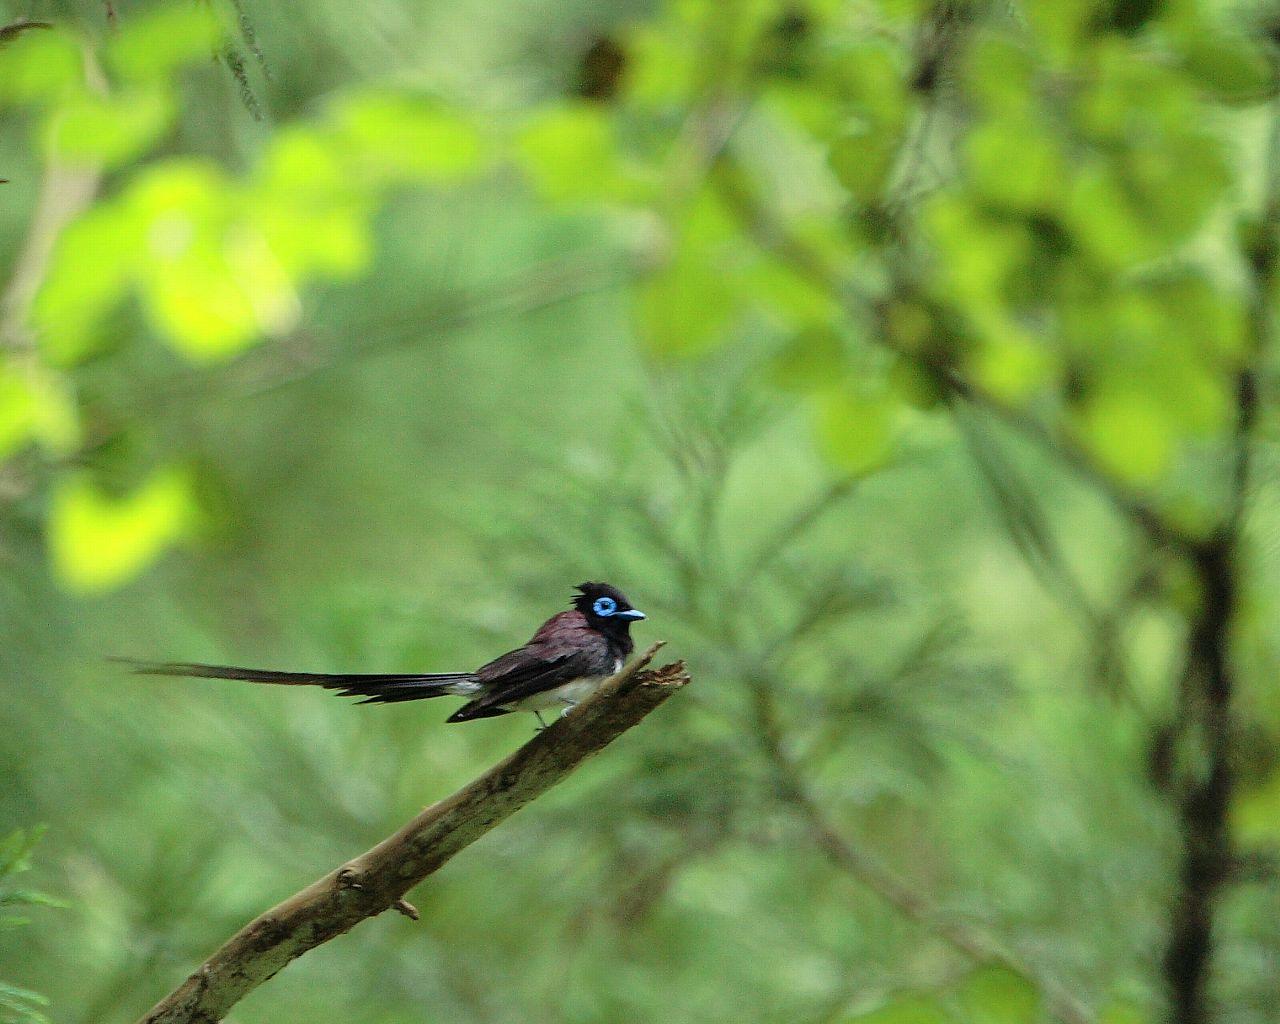 サンコウチョウ今年は会いたいな(グリーンバックの美しい野鳥の壁紙)_f0105570_2294729.jpg